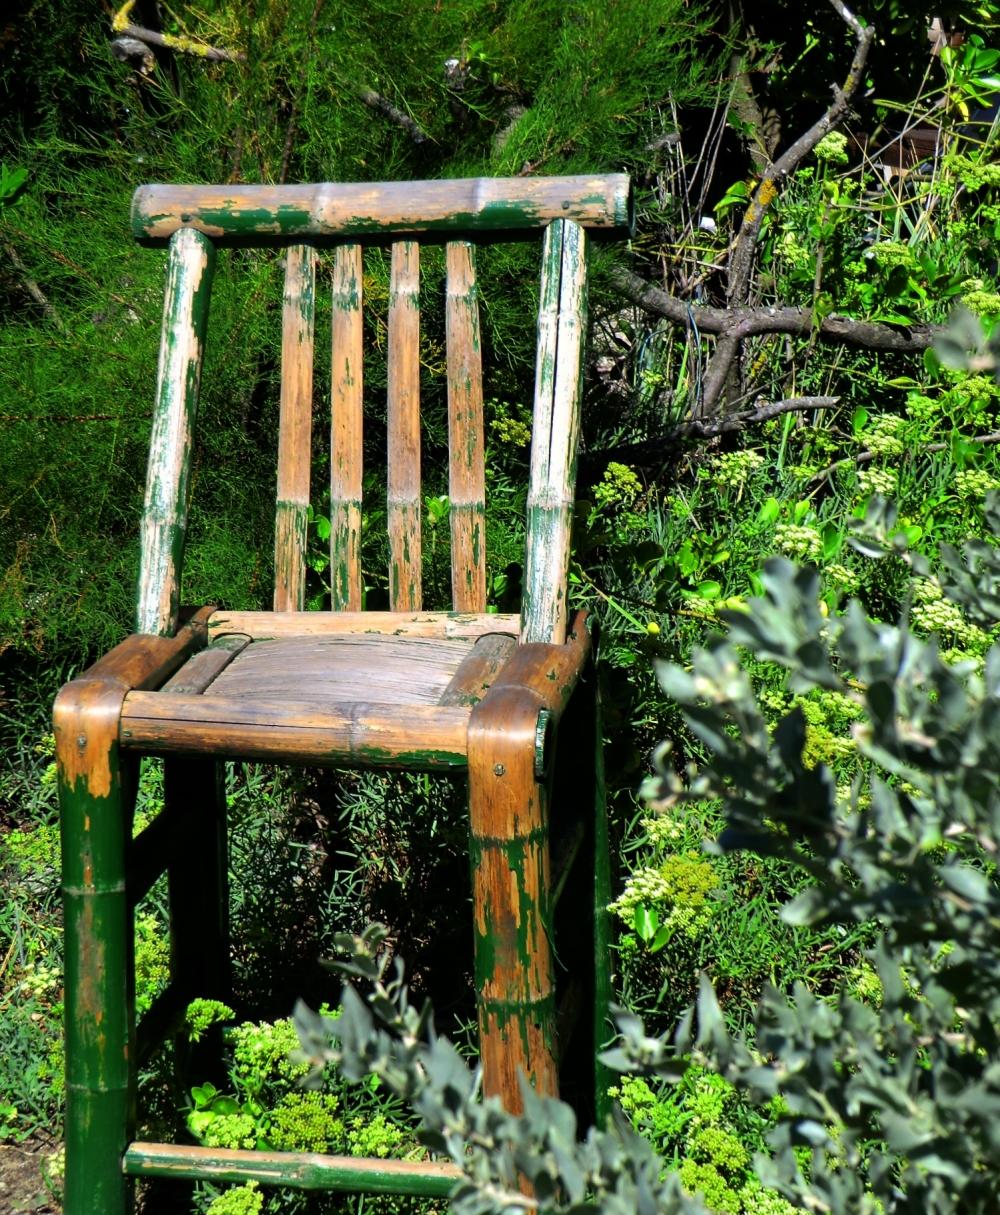 S'asseoir au pied du tronc où le rondin roussit...